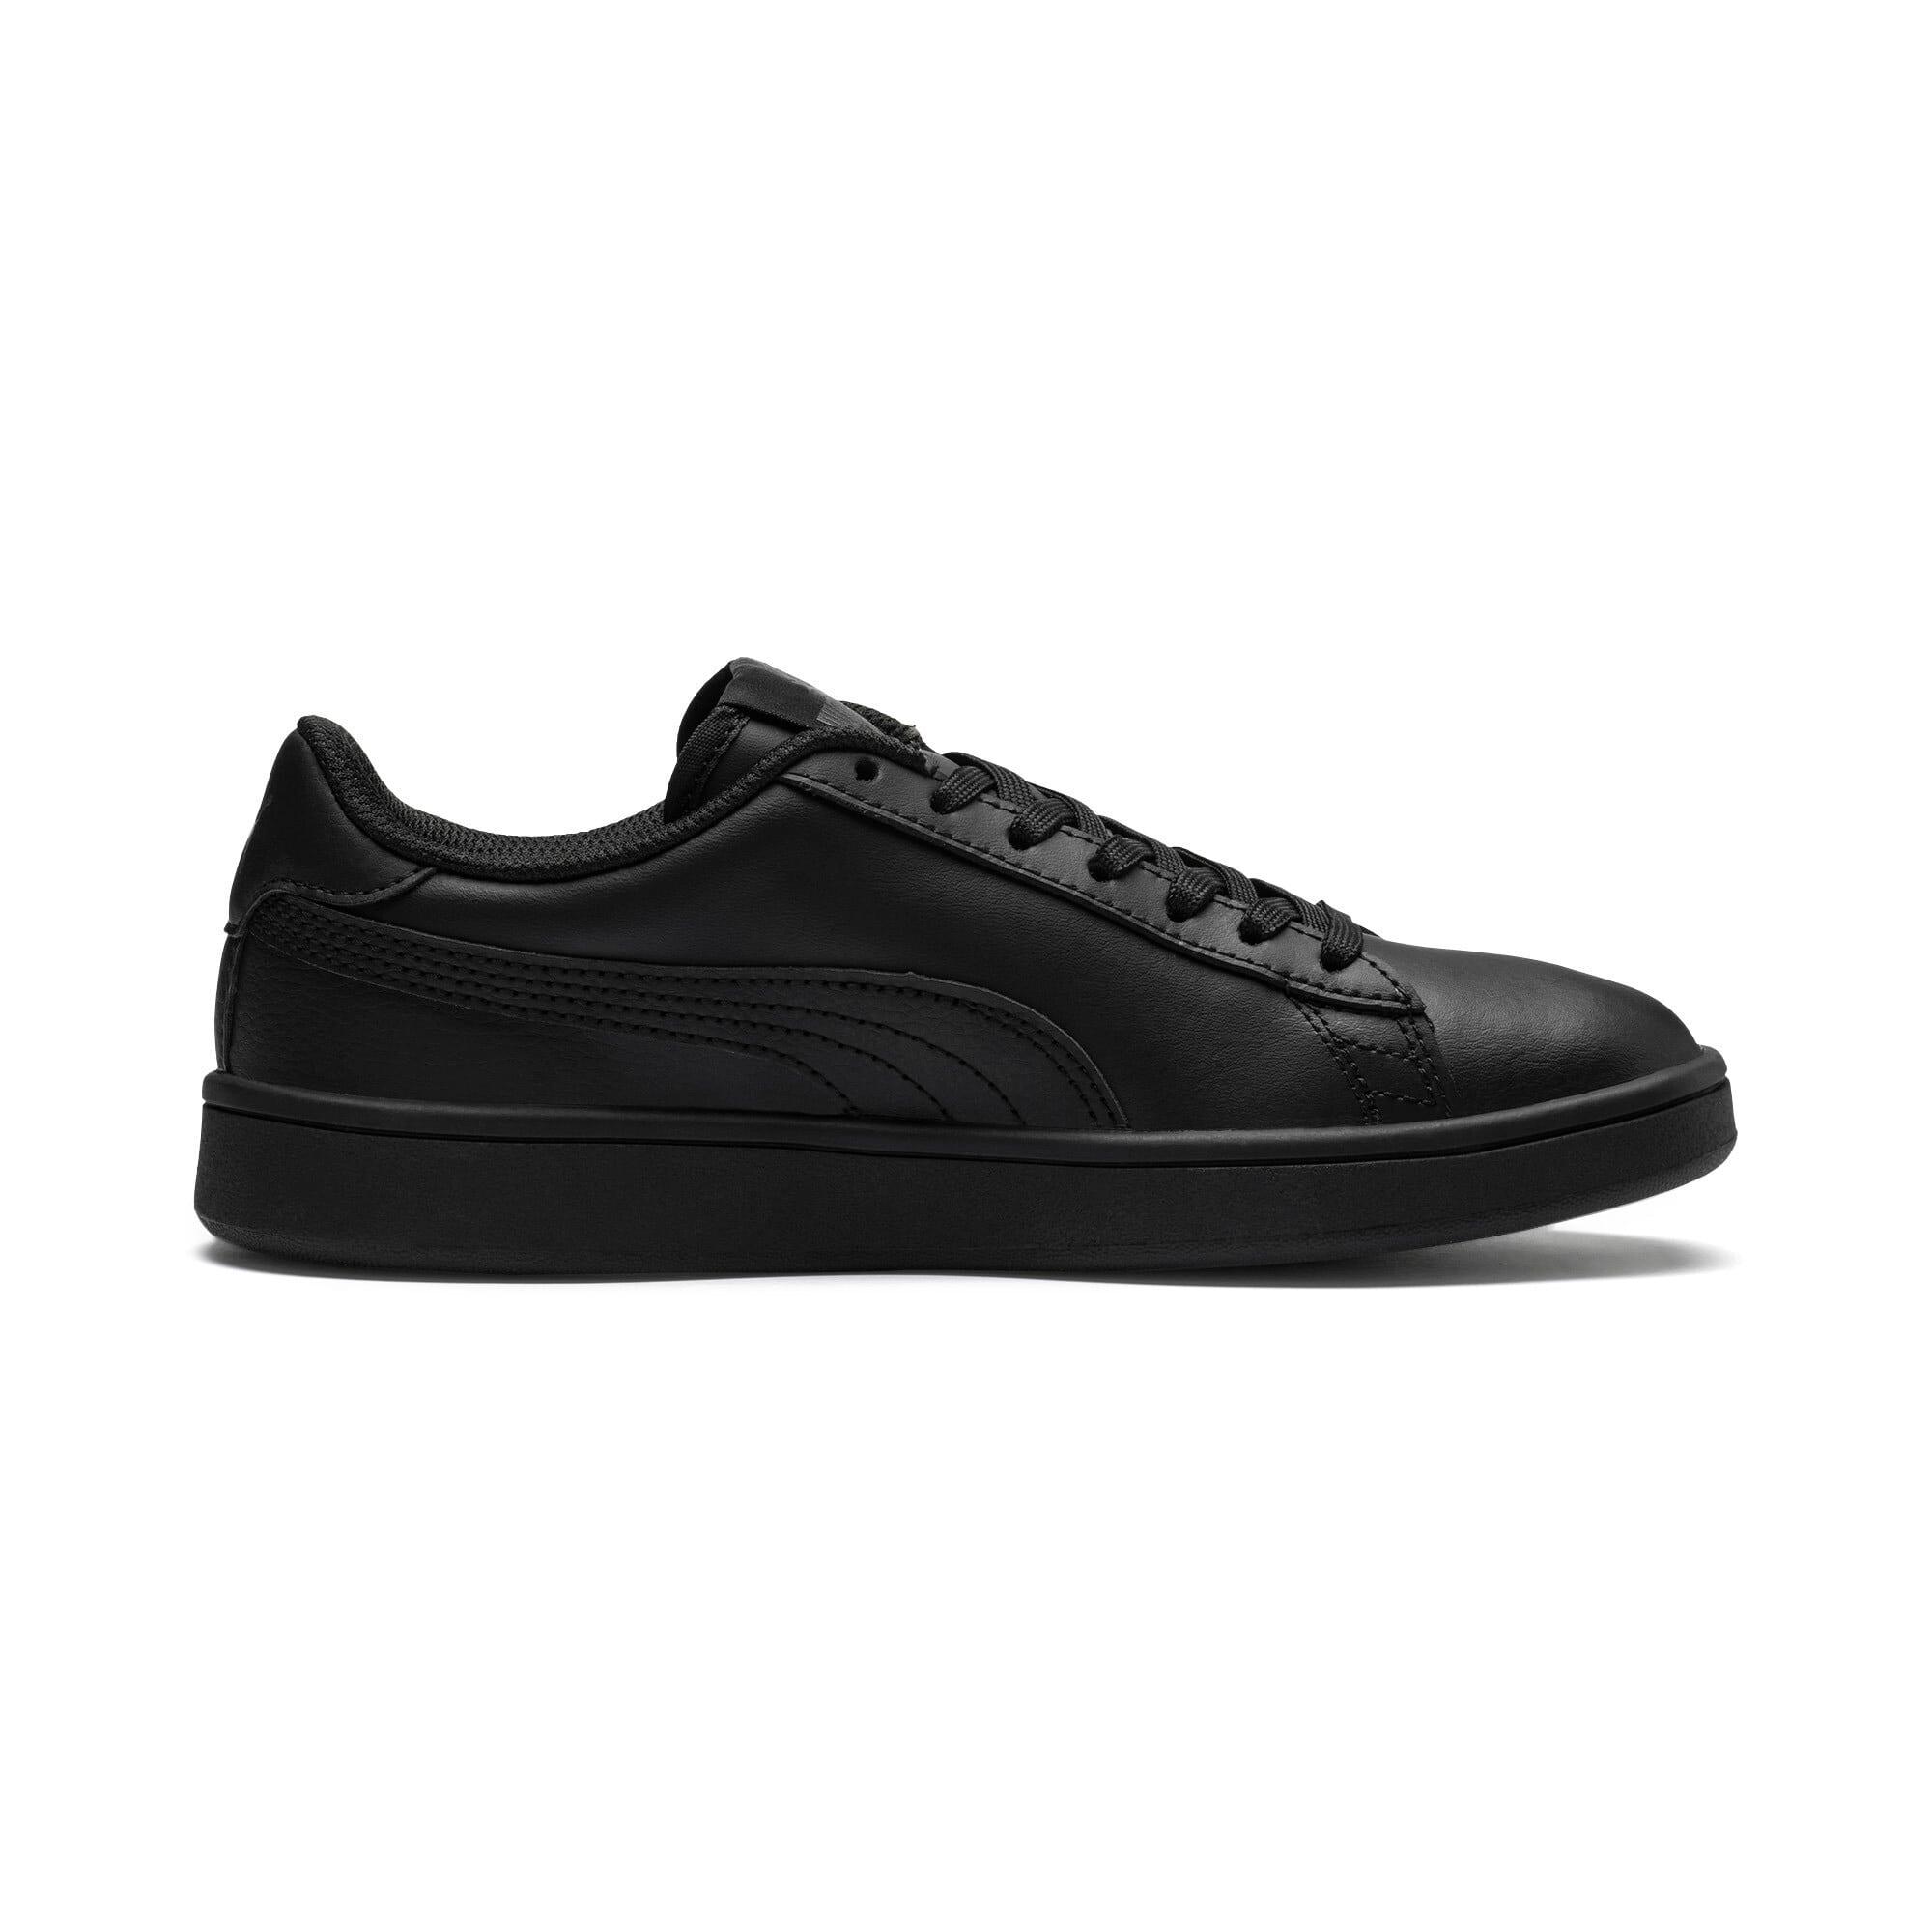 Thumbnail 5 of PUMA Smash v2 Youth Sneaker, Puma Black-Puma Black, medium